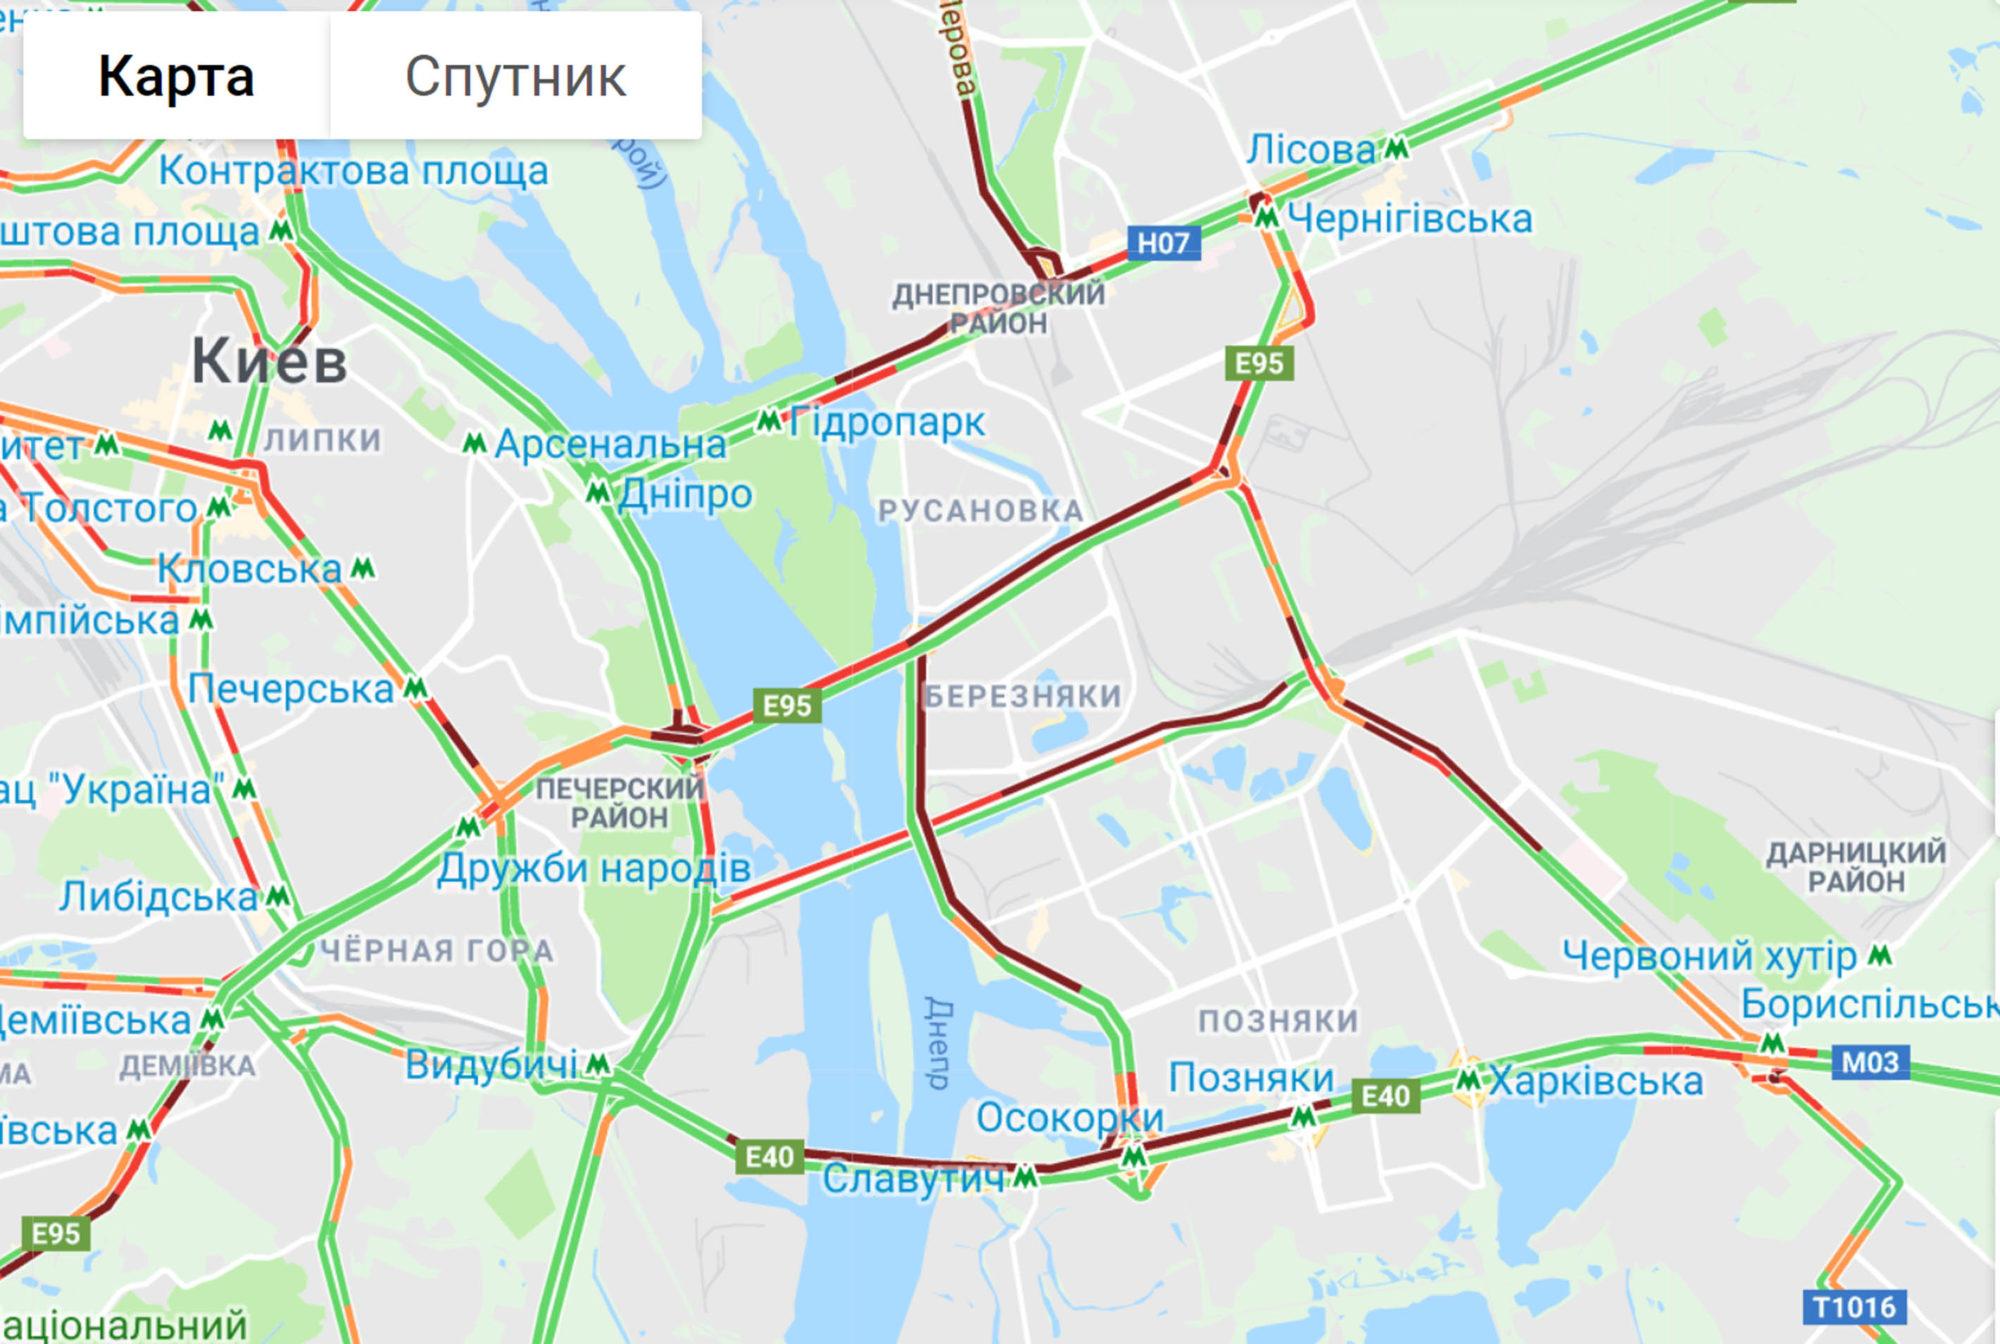 Затори в Києві -  - dkfghj 1 2000x1344